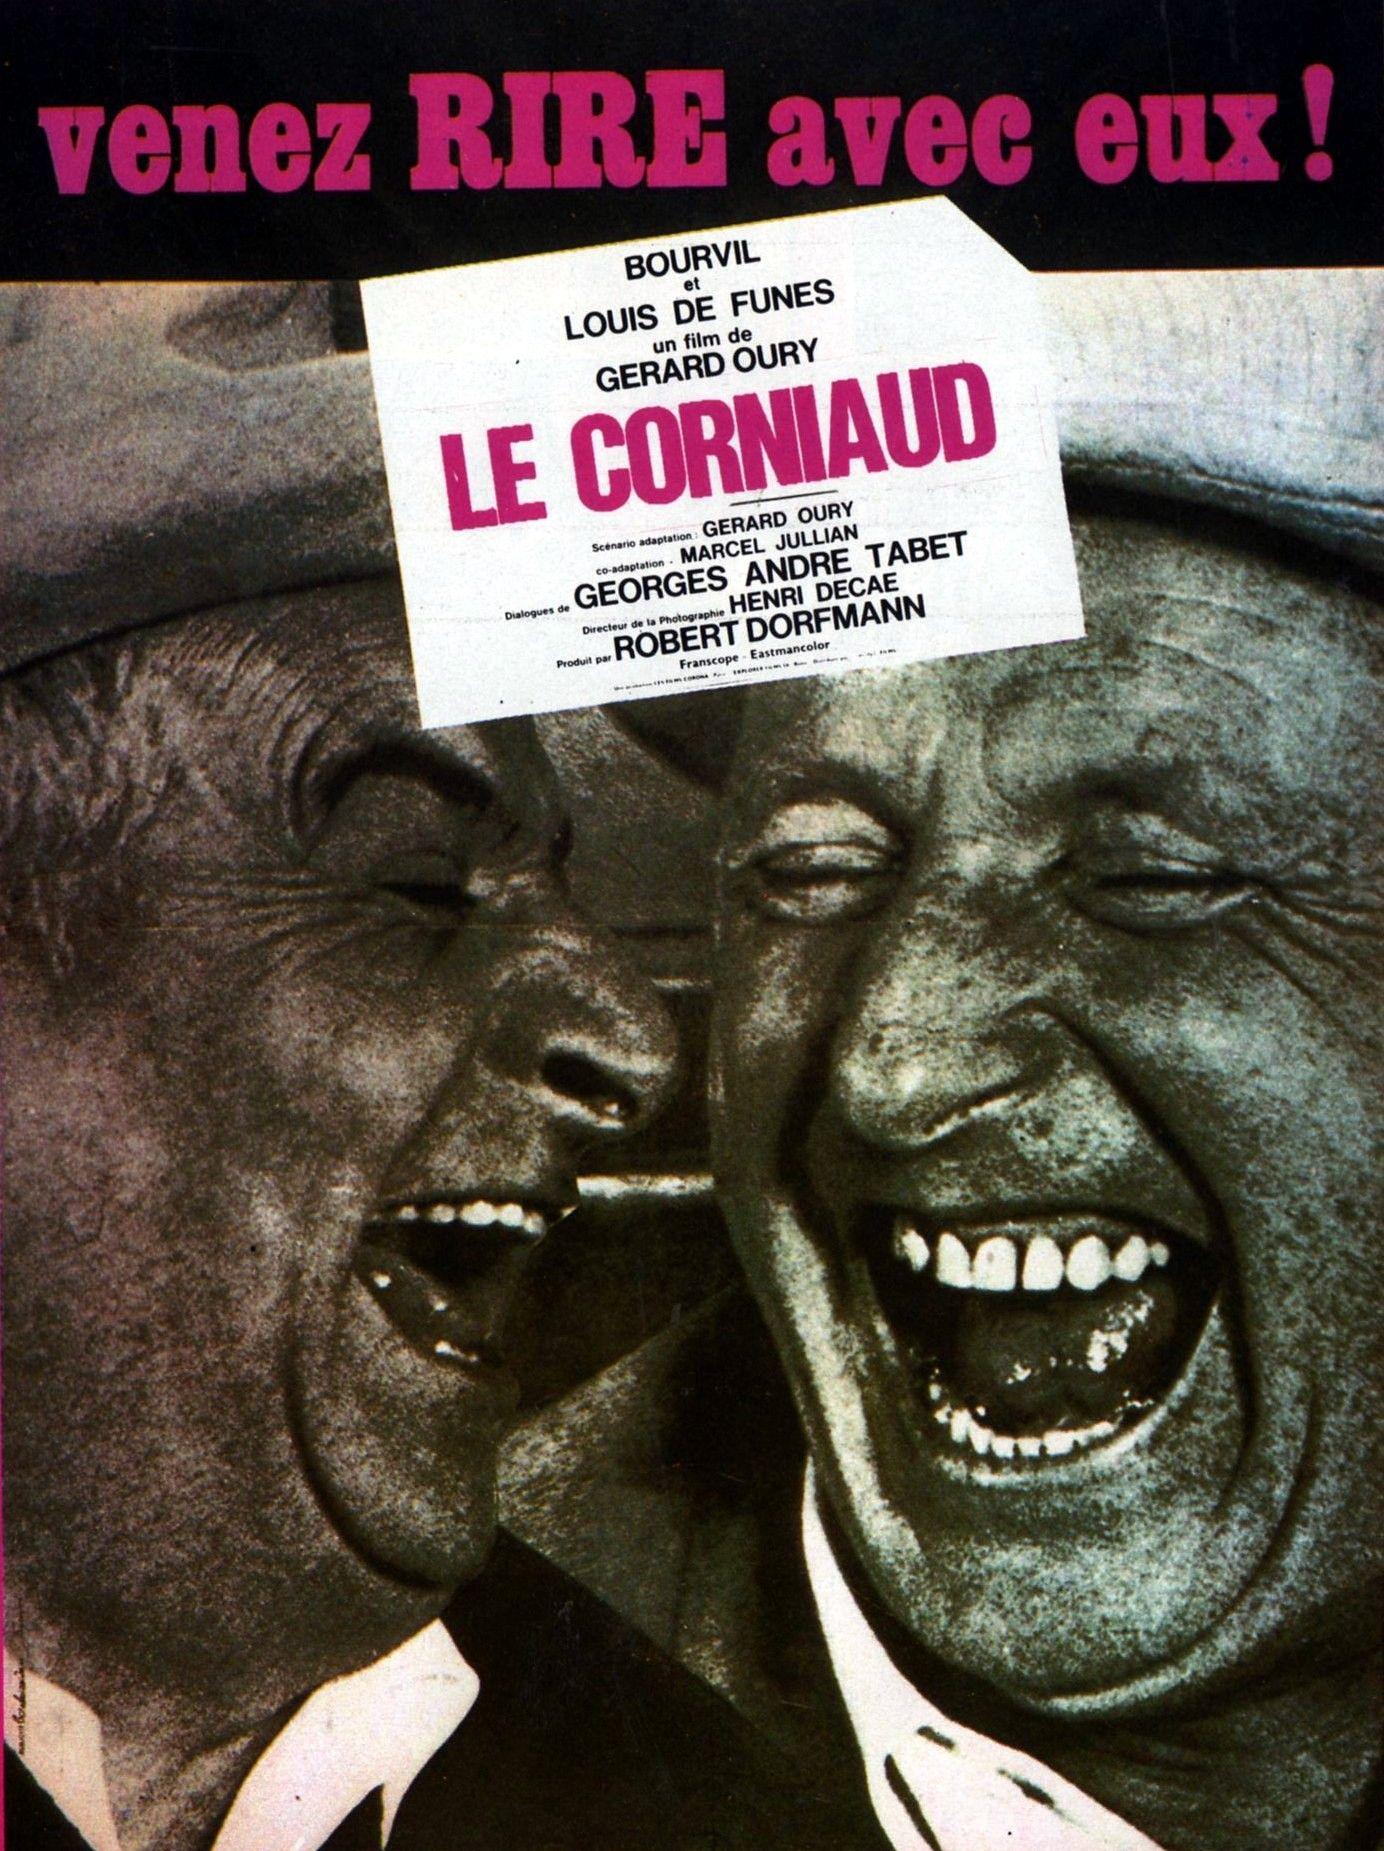 CORNIAUD TÉLÉCHARGER A LE FILM